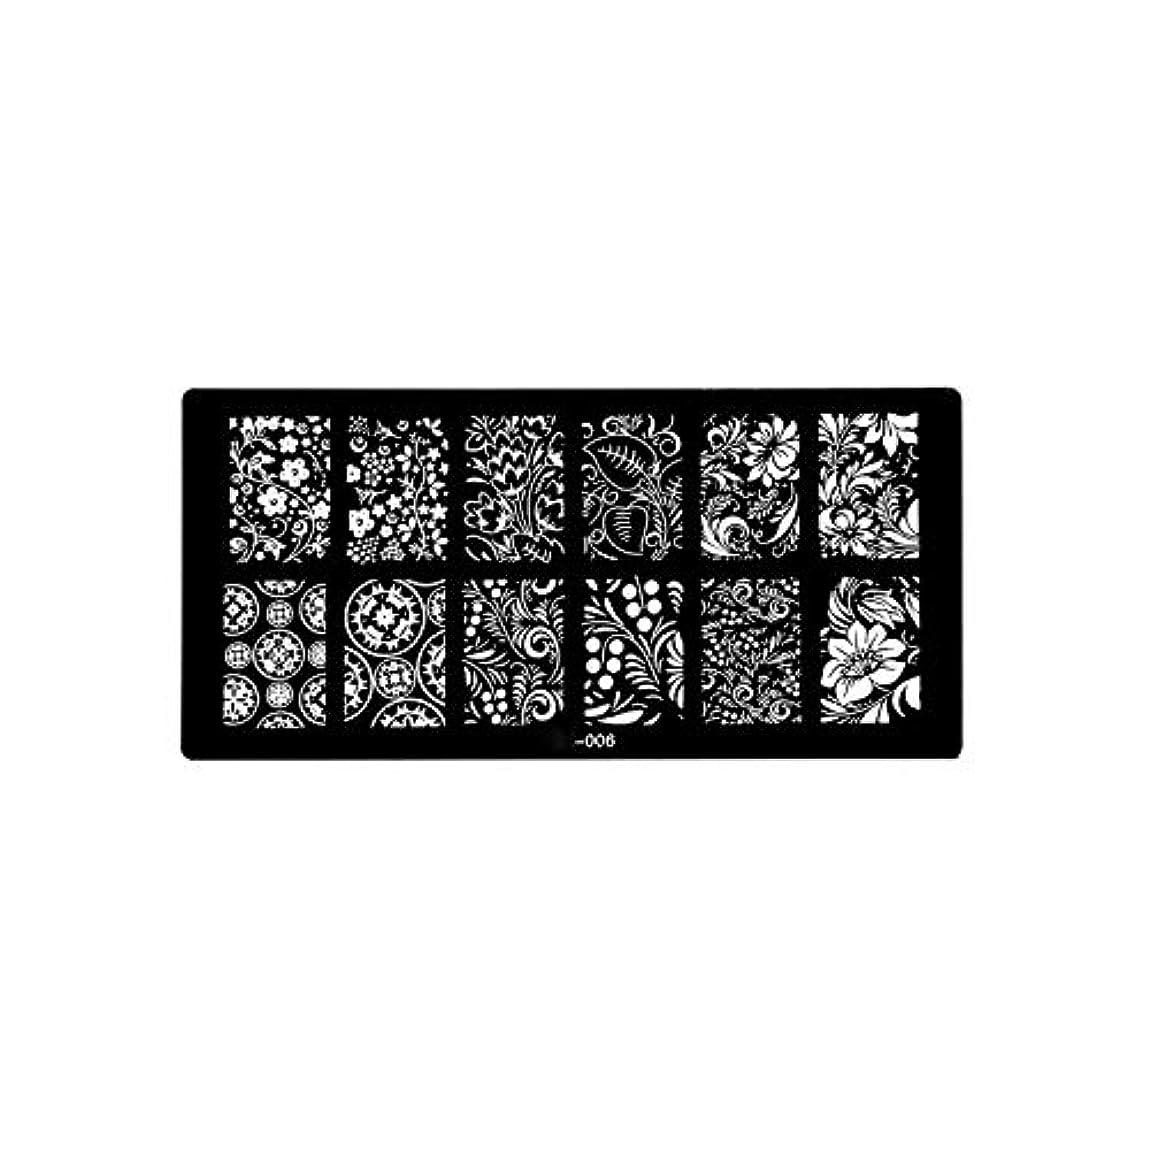 連鎖増幅器内なる1ピース6 * 12センチbcnシリーズネイルスタンピングプレート画像ネイルステンシル用ネイルアートスタンプマニキュアテンプレートツール,BCN006